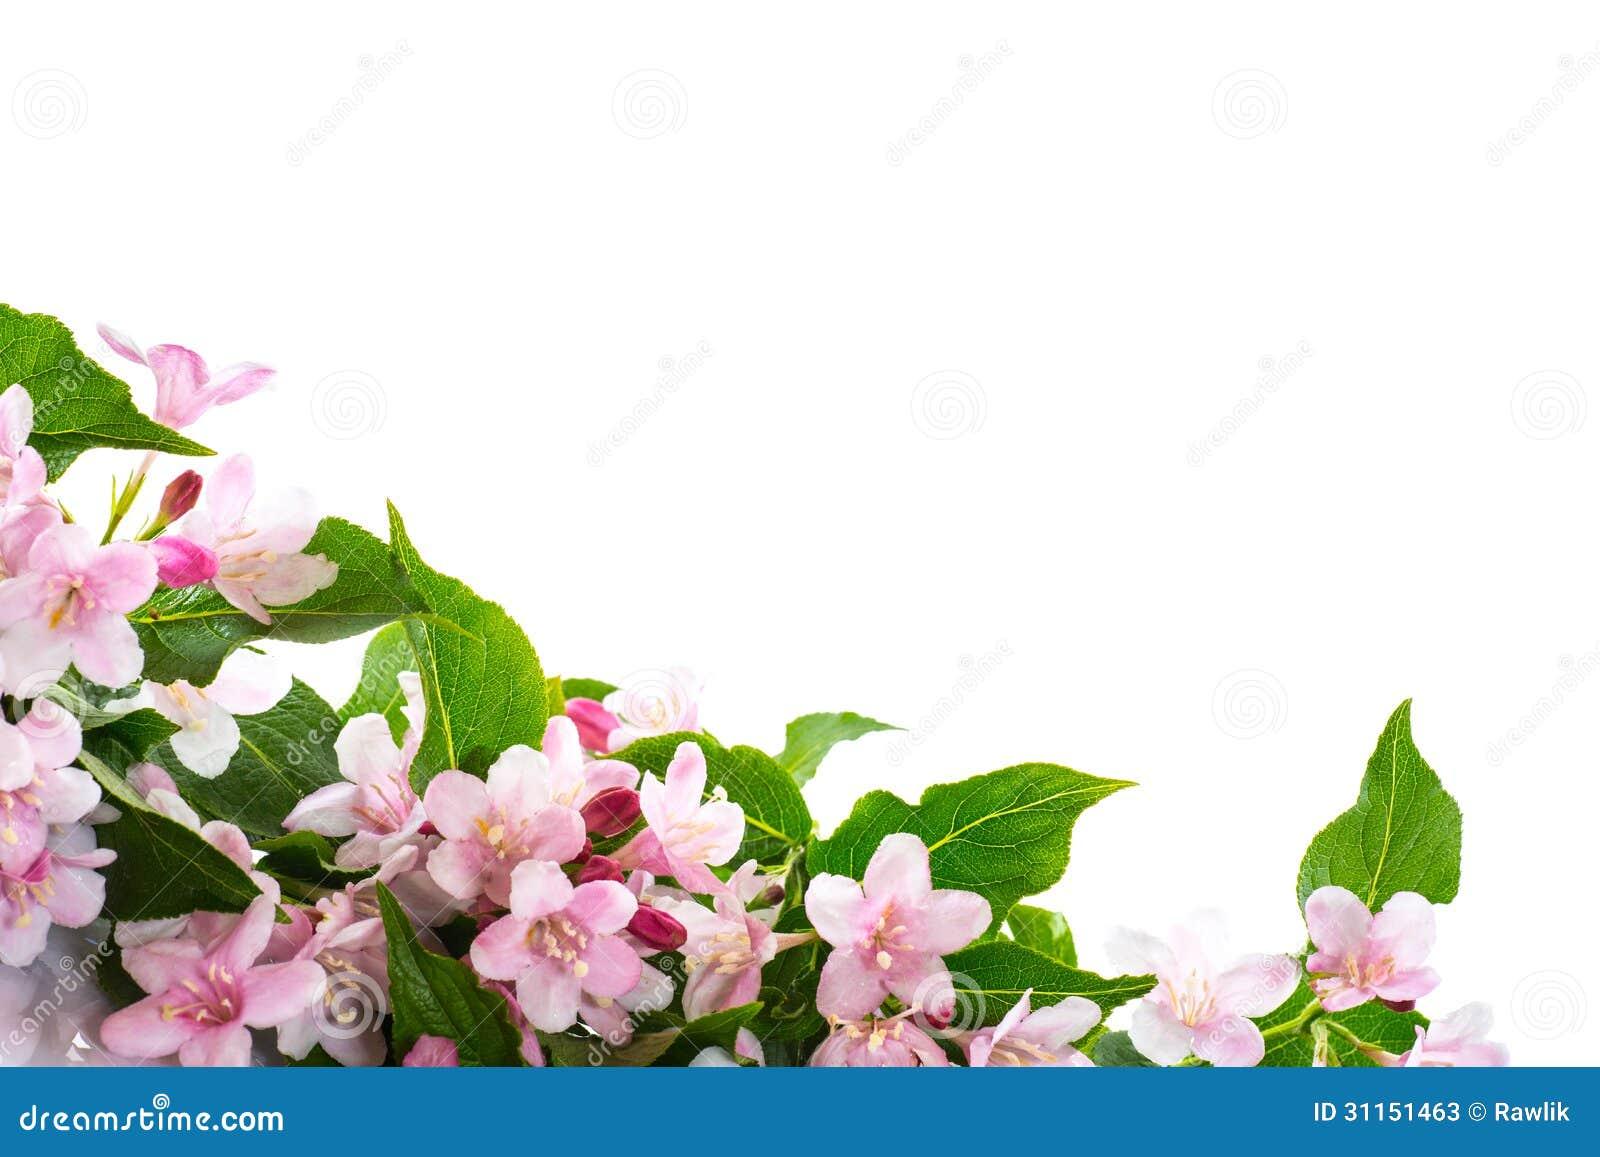 bloomed white roses wallpaper-#32